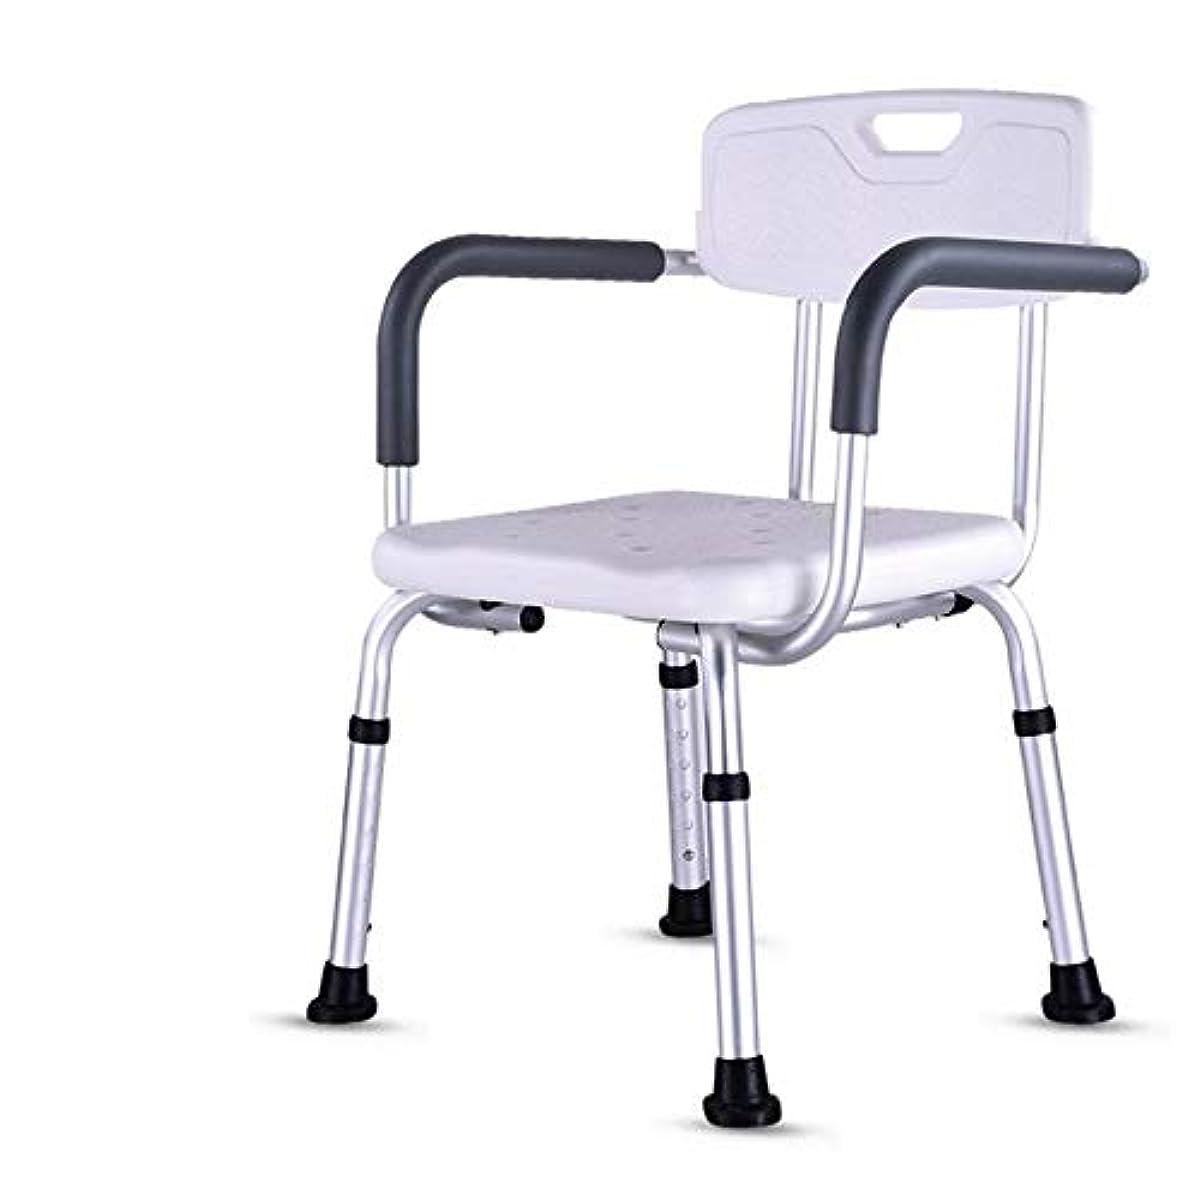 生産的近く軸背もたれ付き軽量折りたたみウェットバスルームシャワーシートチェア-高さ調節可能